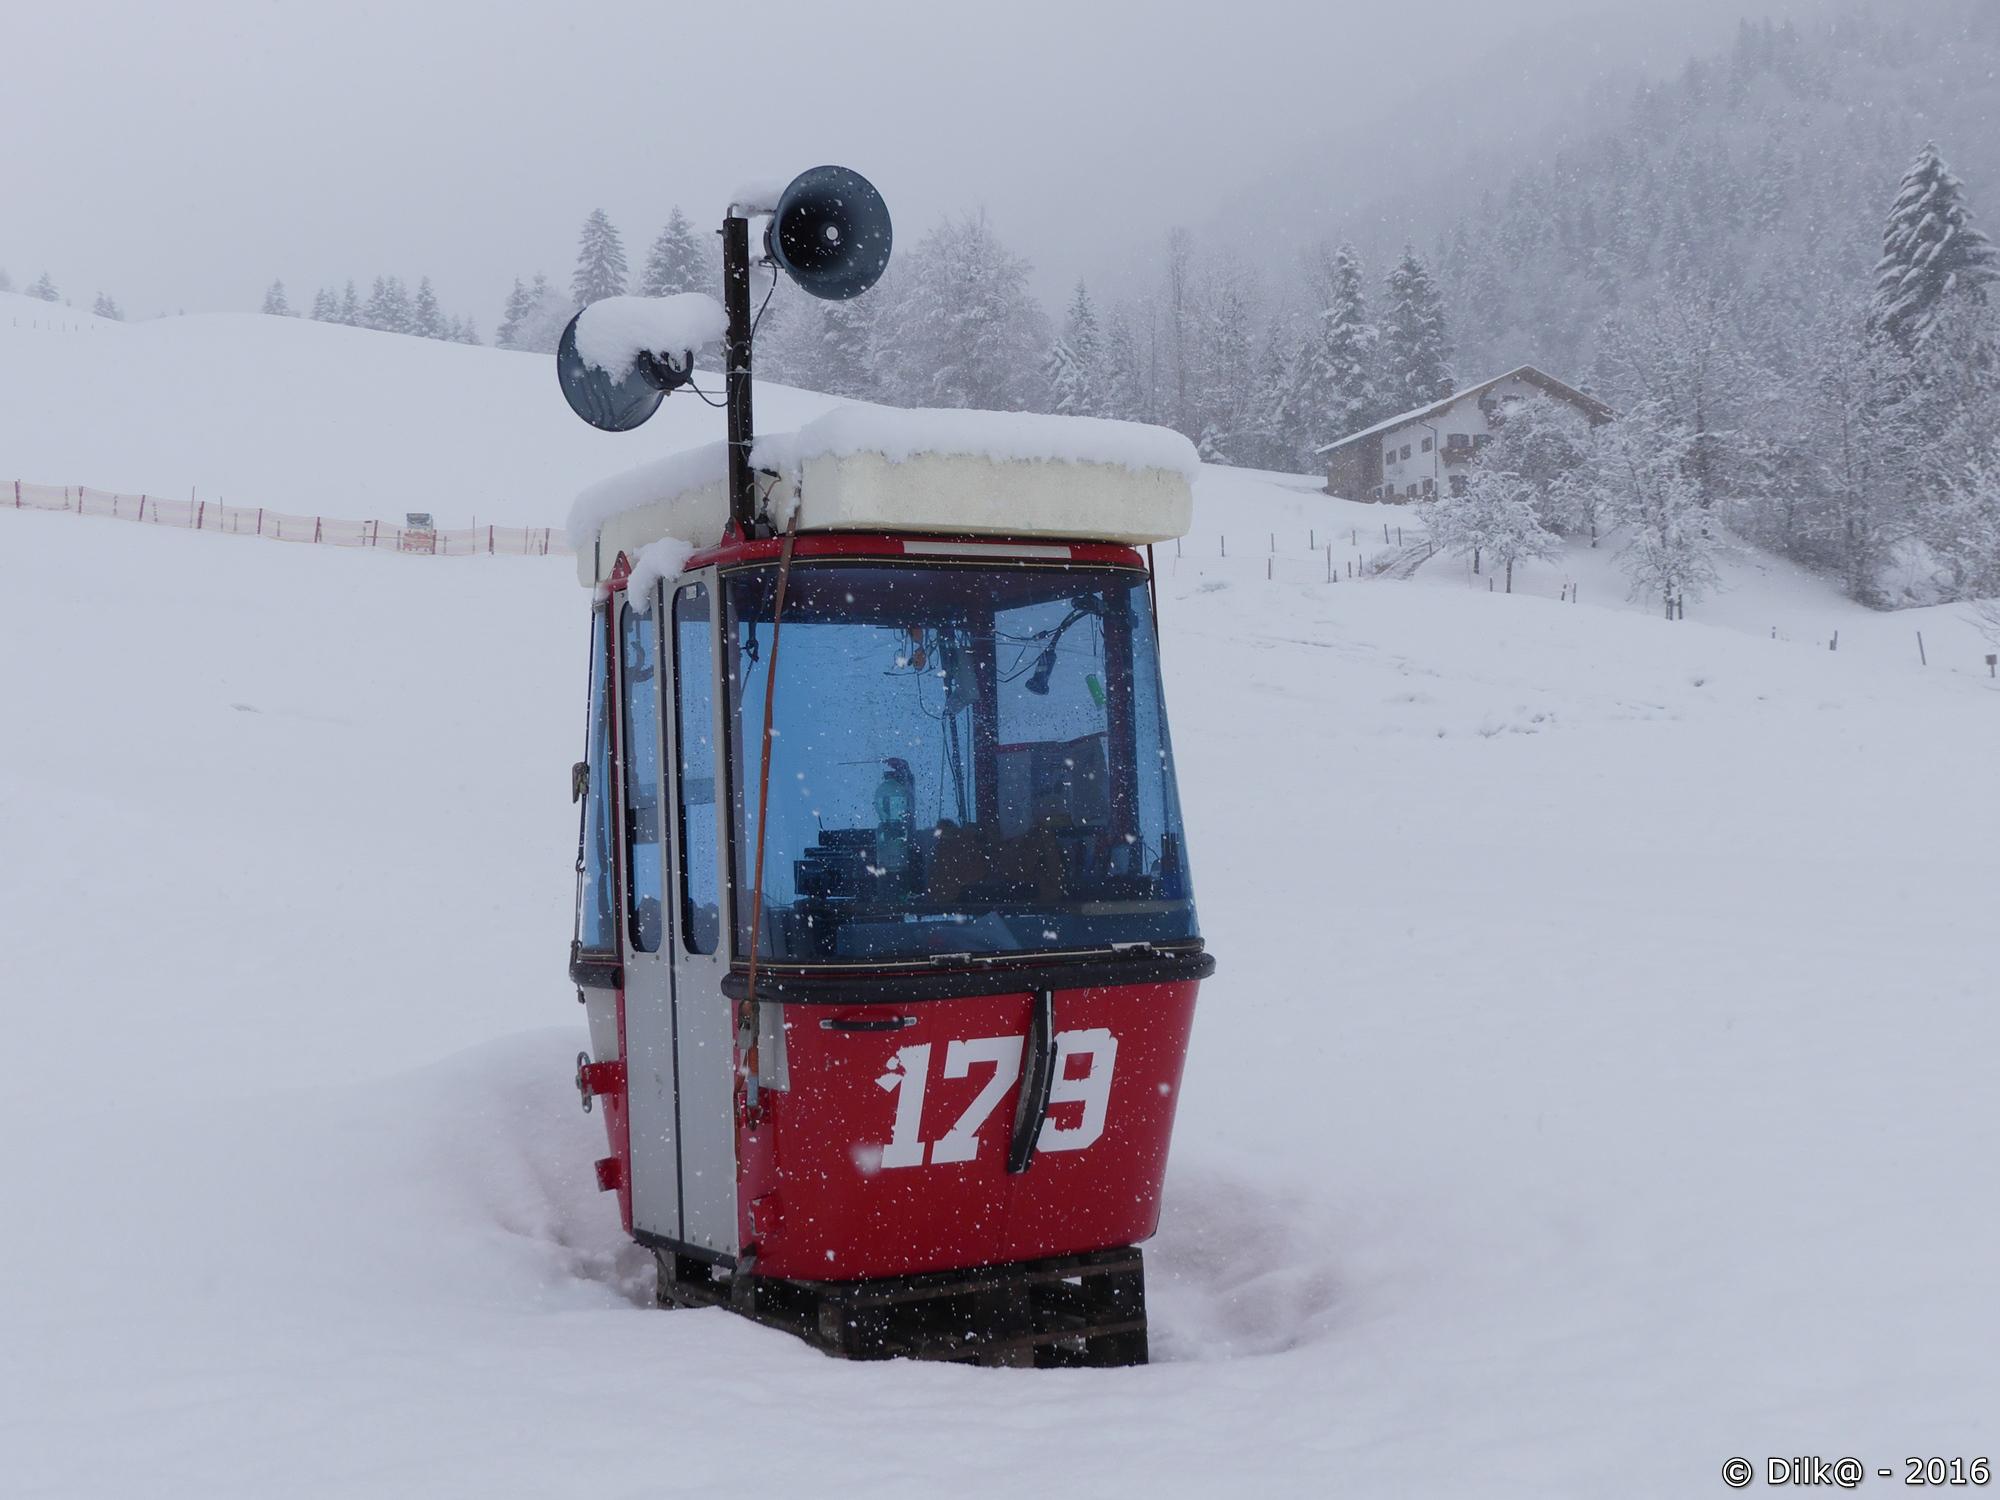 La télécabine posée sur la neige sert d'abri au gardien de la piste de snowtube